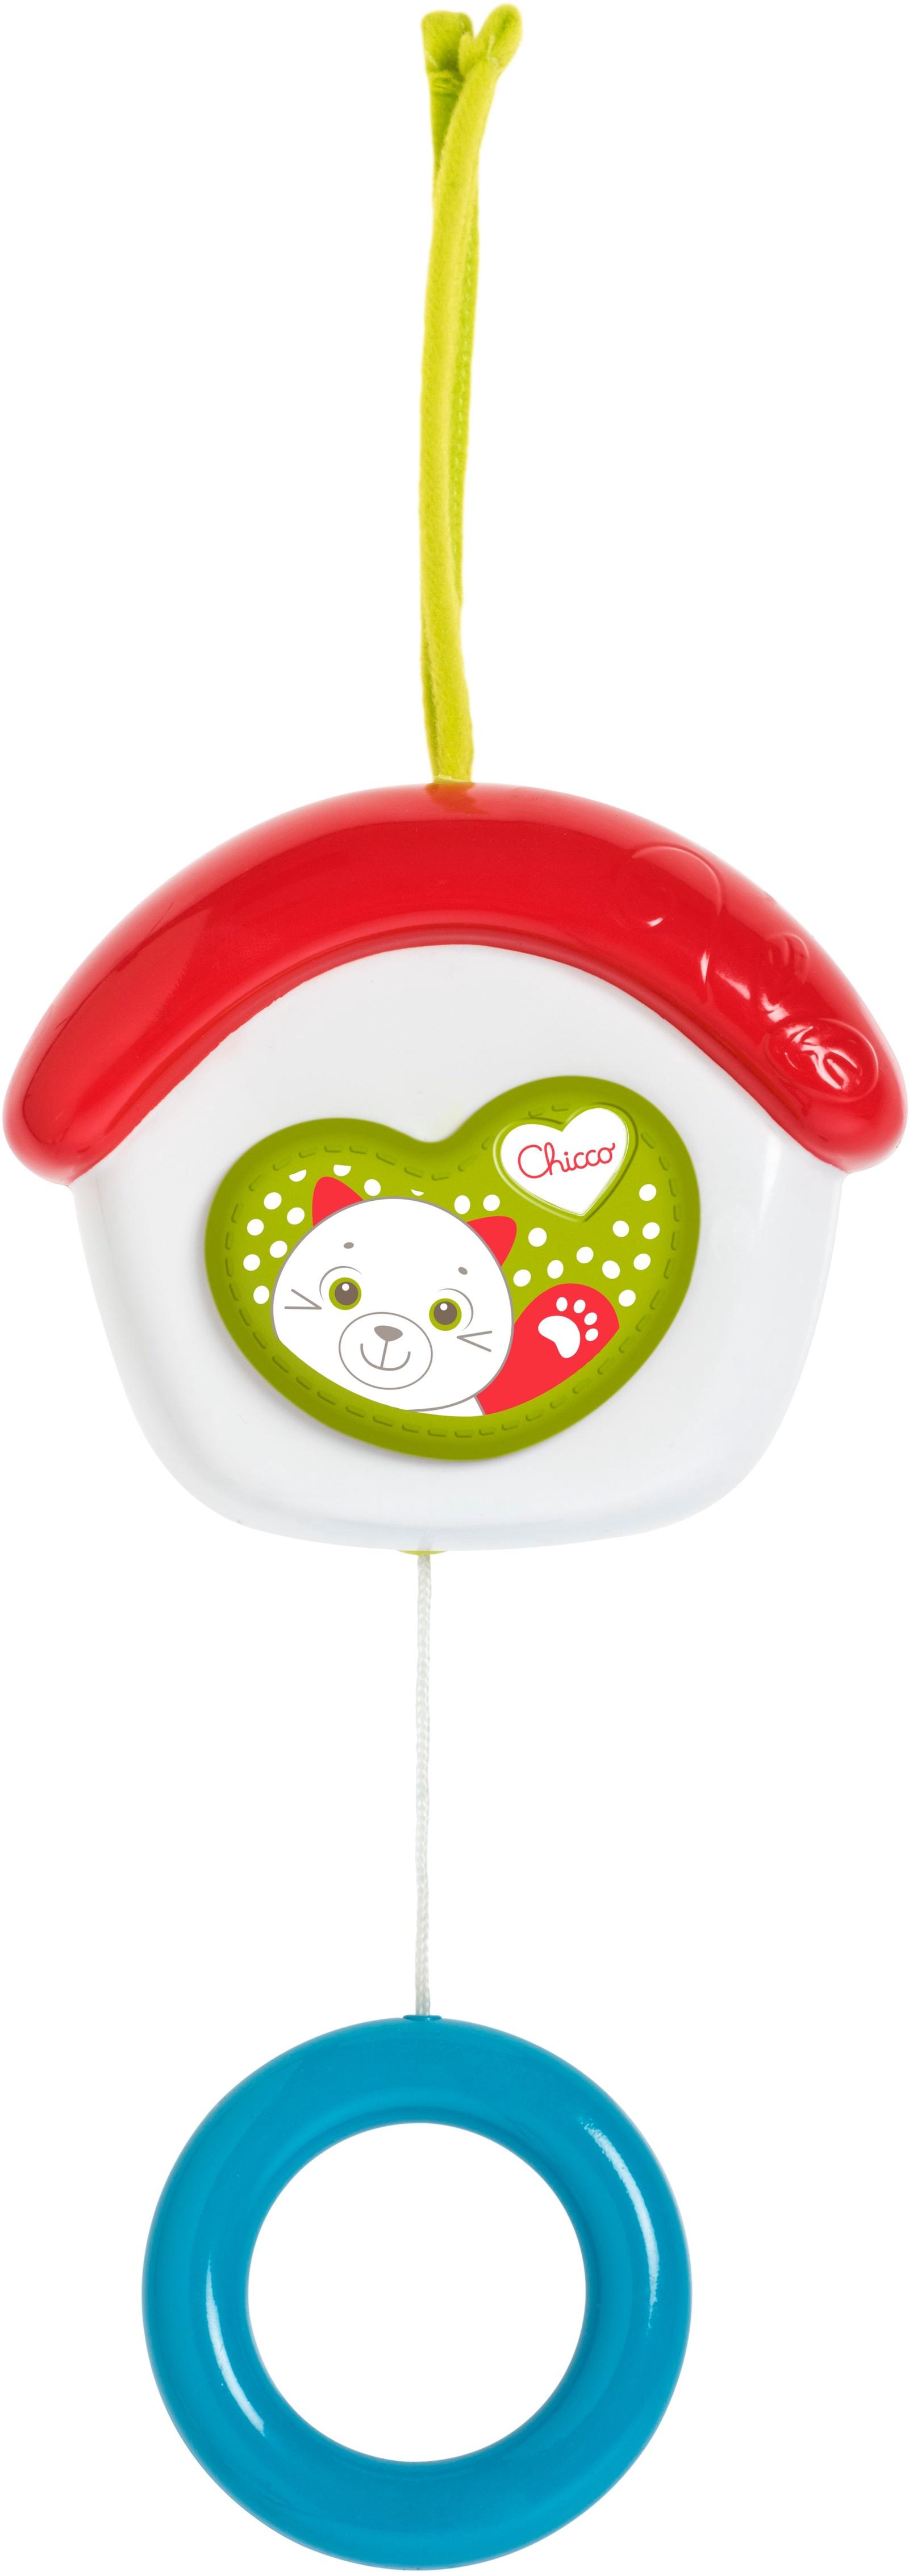 Музыкальная игрушка Chicco 90754 музыкальная подвеска на кроватку chicco чико спокойной ночи цвет розовый